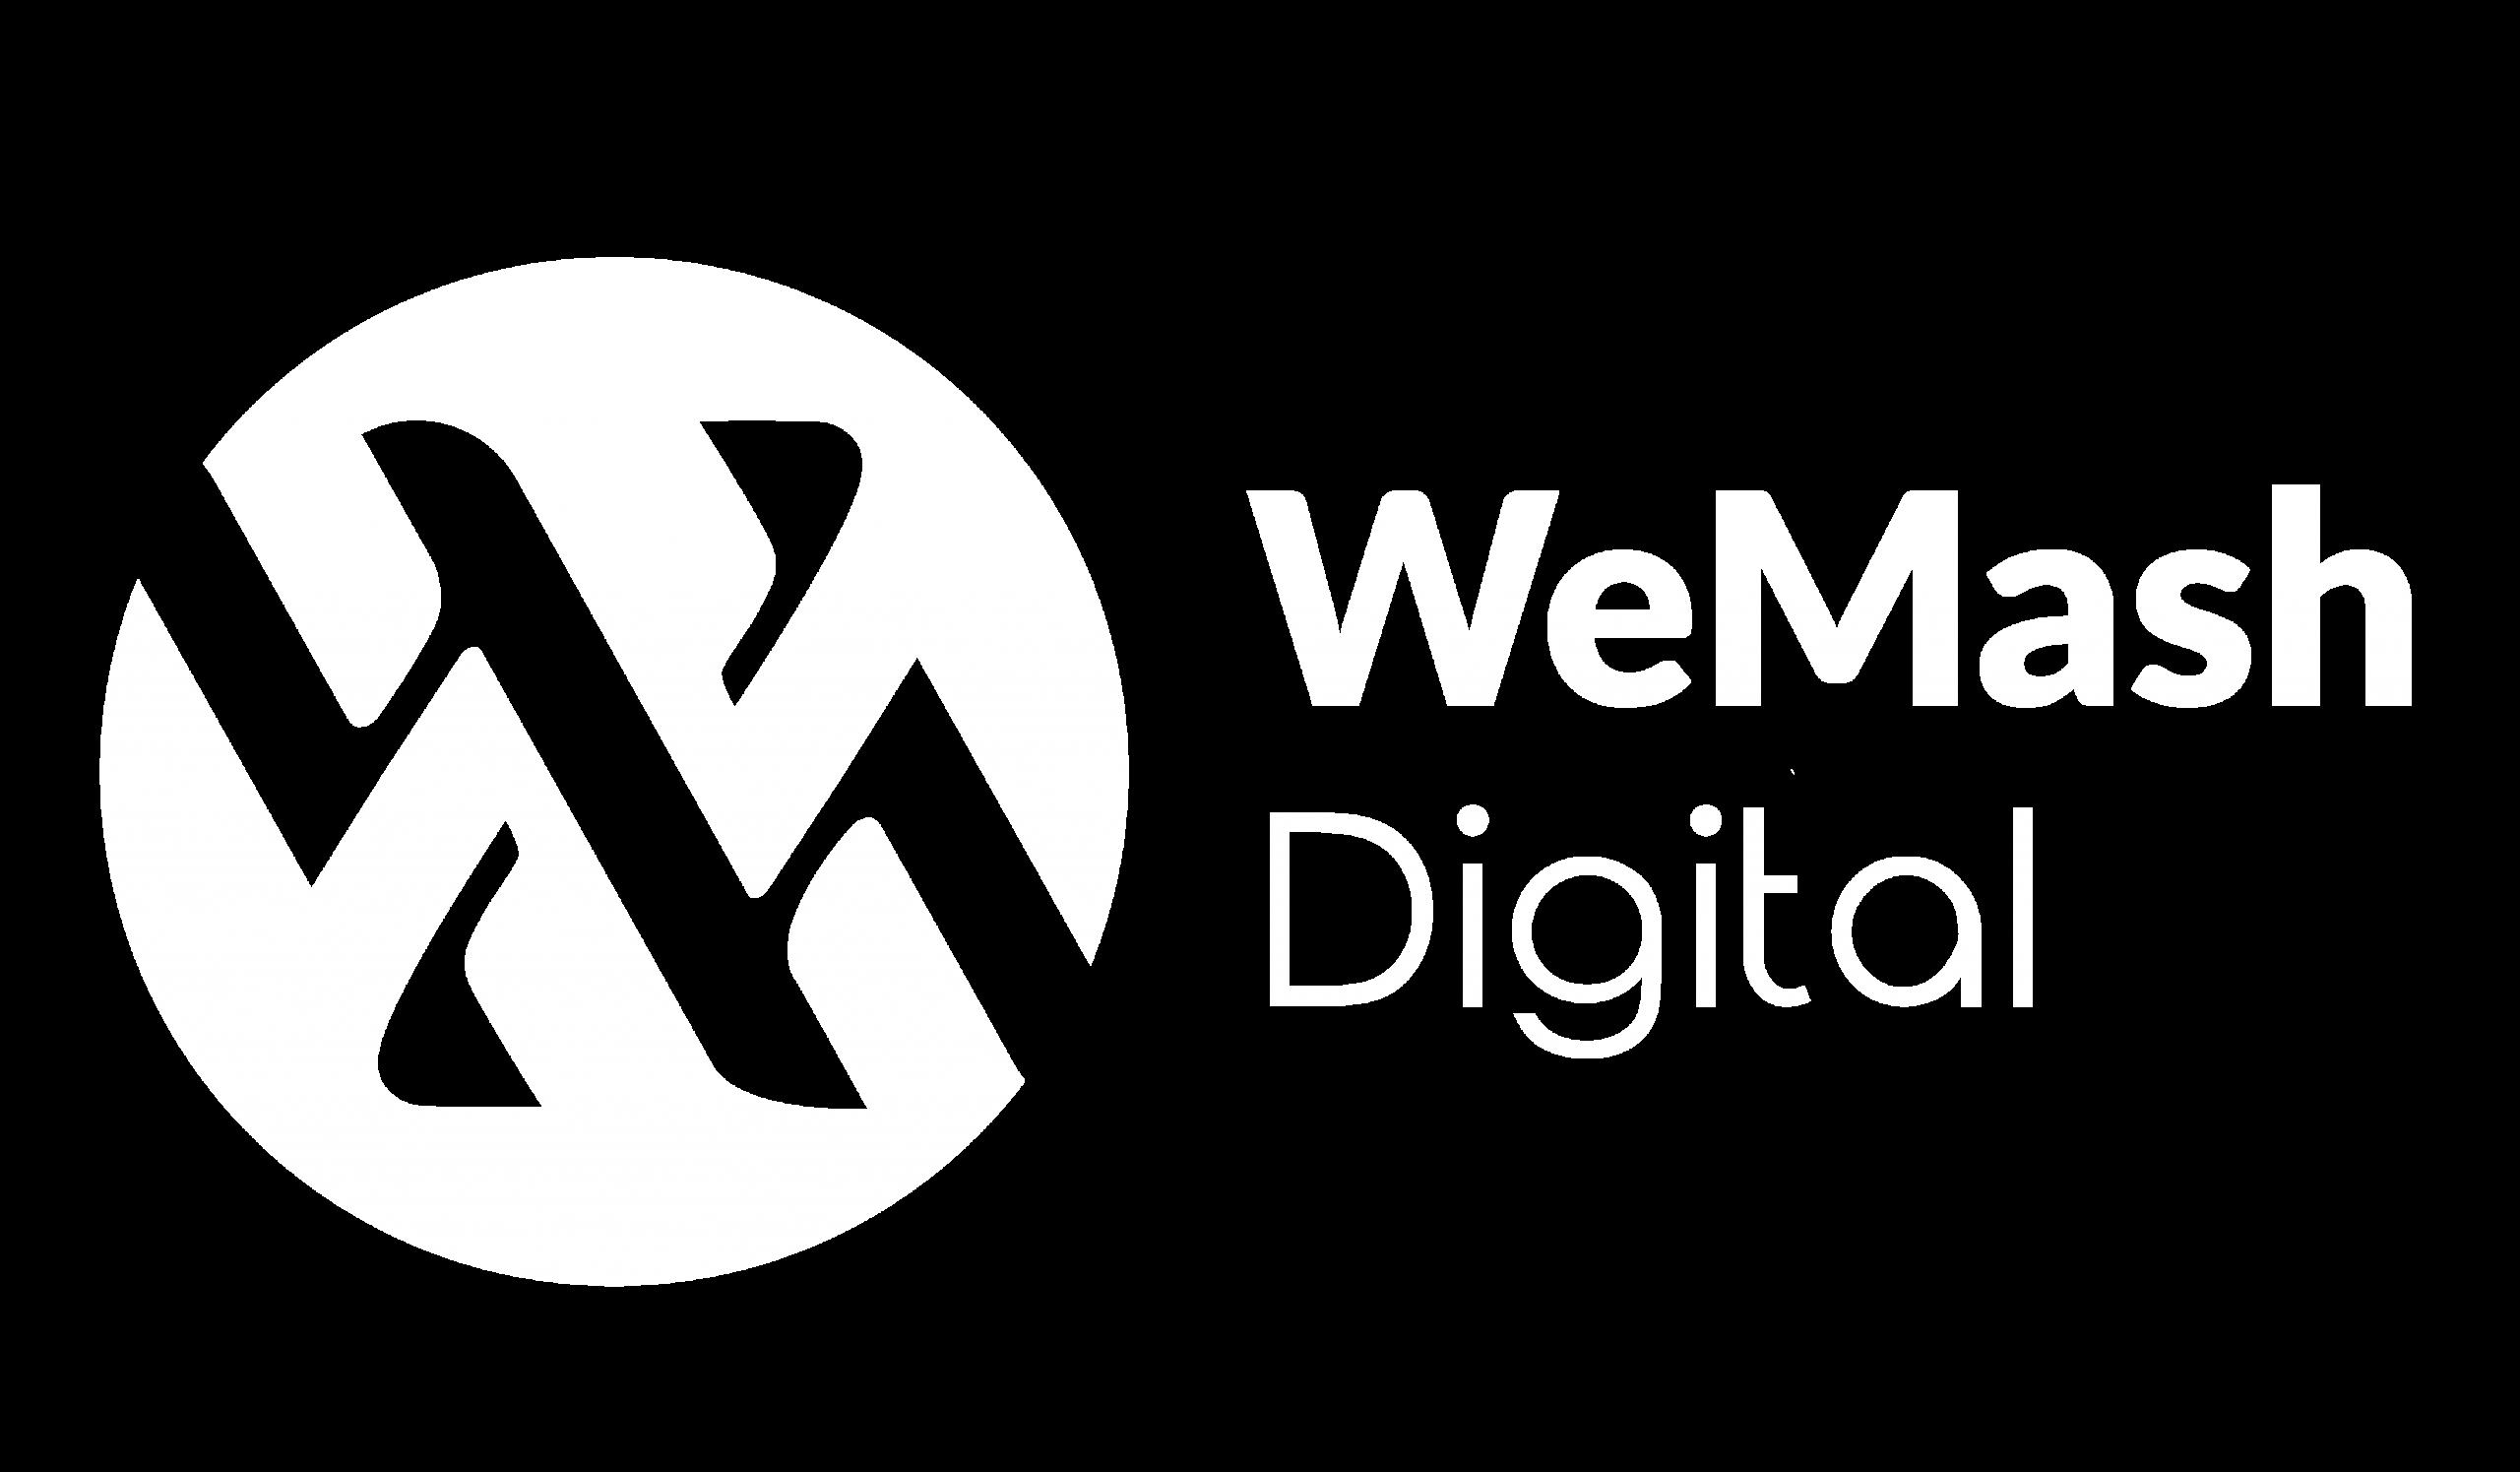 WeMash Digital